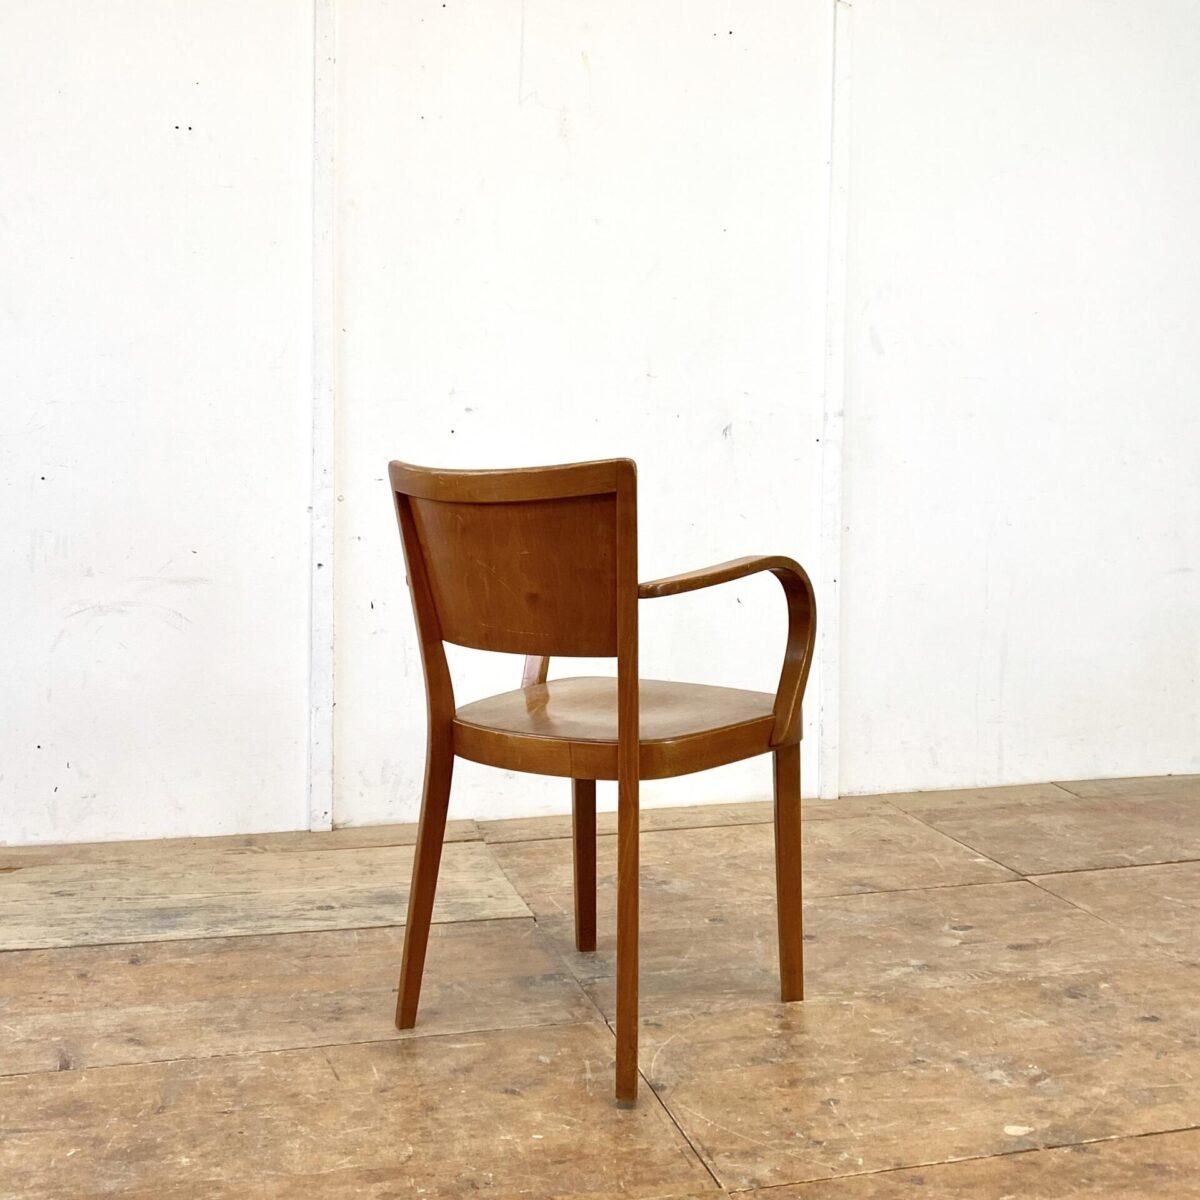 Deuxieme.shop swissdesign Haefelistuhl. Horgenglarus Armlehnstuhl von Max Ernst Haefeli aus den 40er/50er Jahren. Der Stuhl ist in schönem stabilen Original Zustand. Sitzfläche und Lehne aus Birken Formsperrholz, Beine und Armlehnen aus Buche Vollholz, Dampfgebogen.